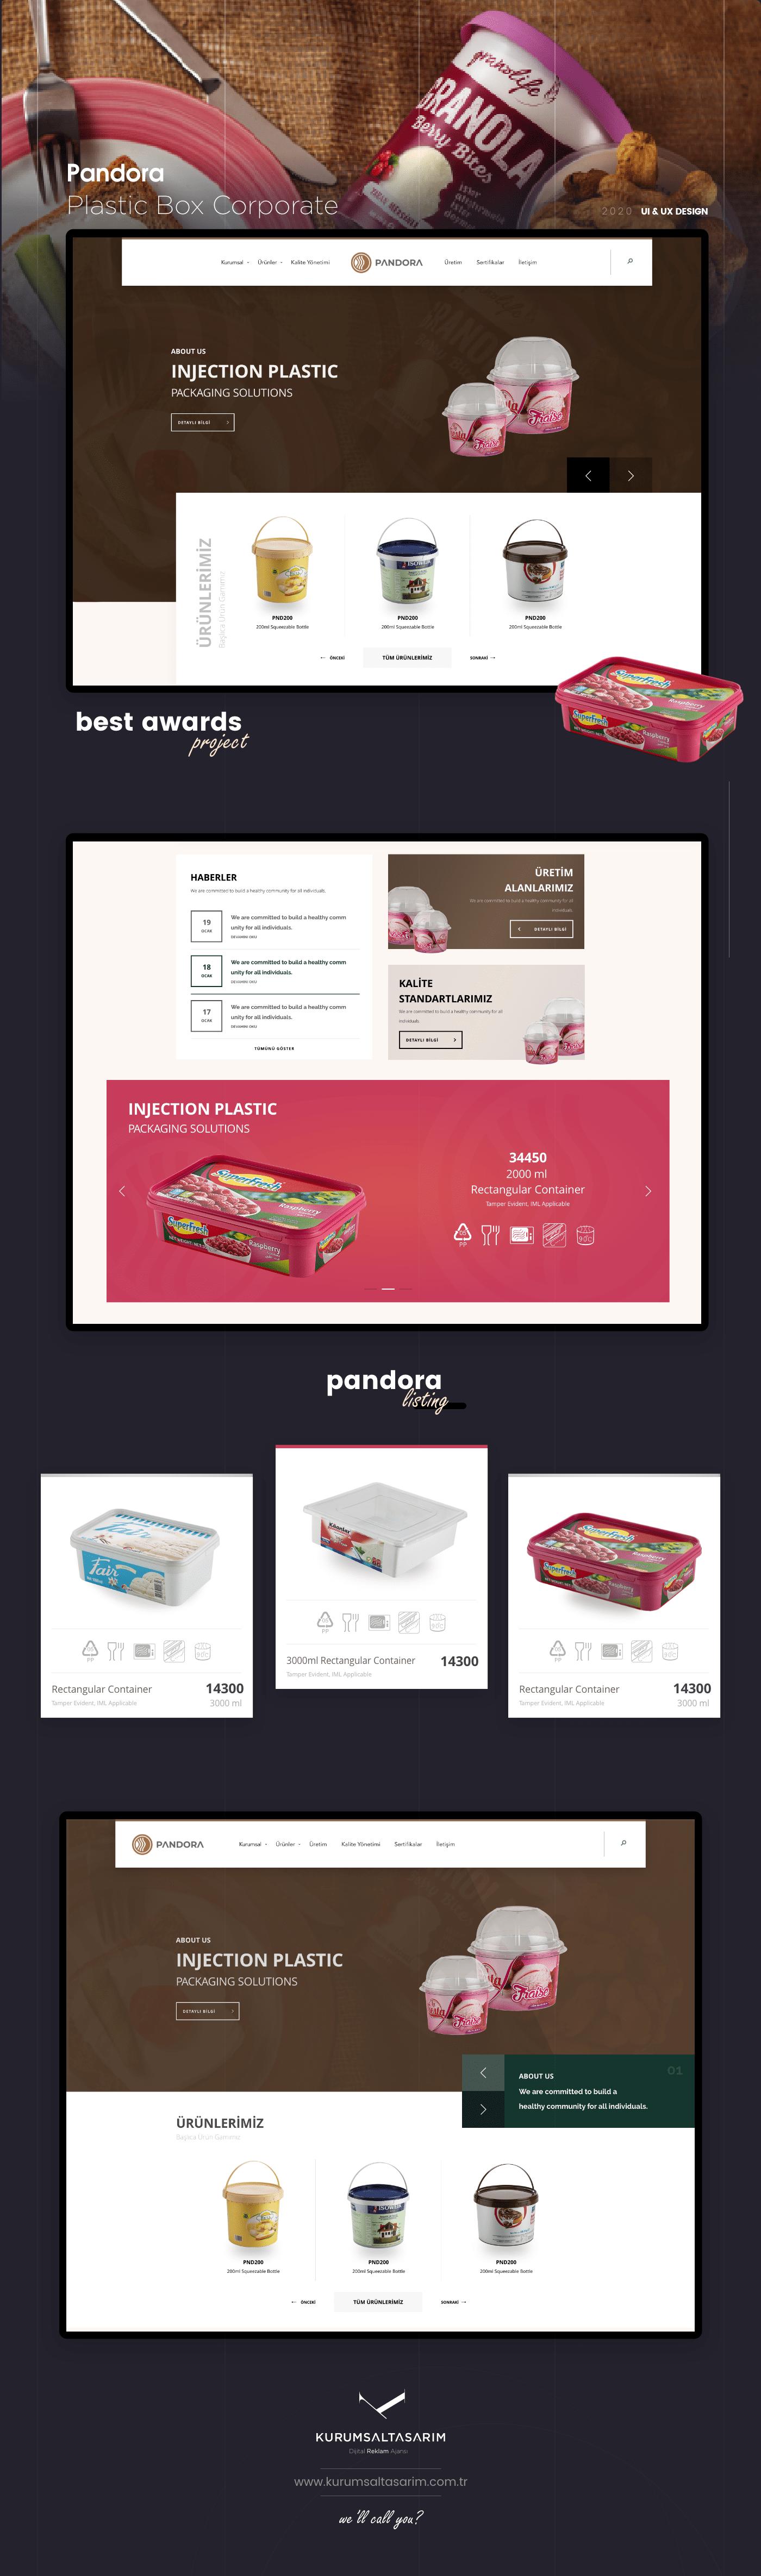 Pandora Kurumsal Firma web Tasarımı